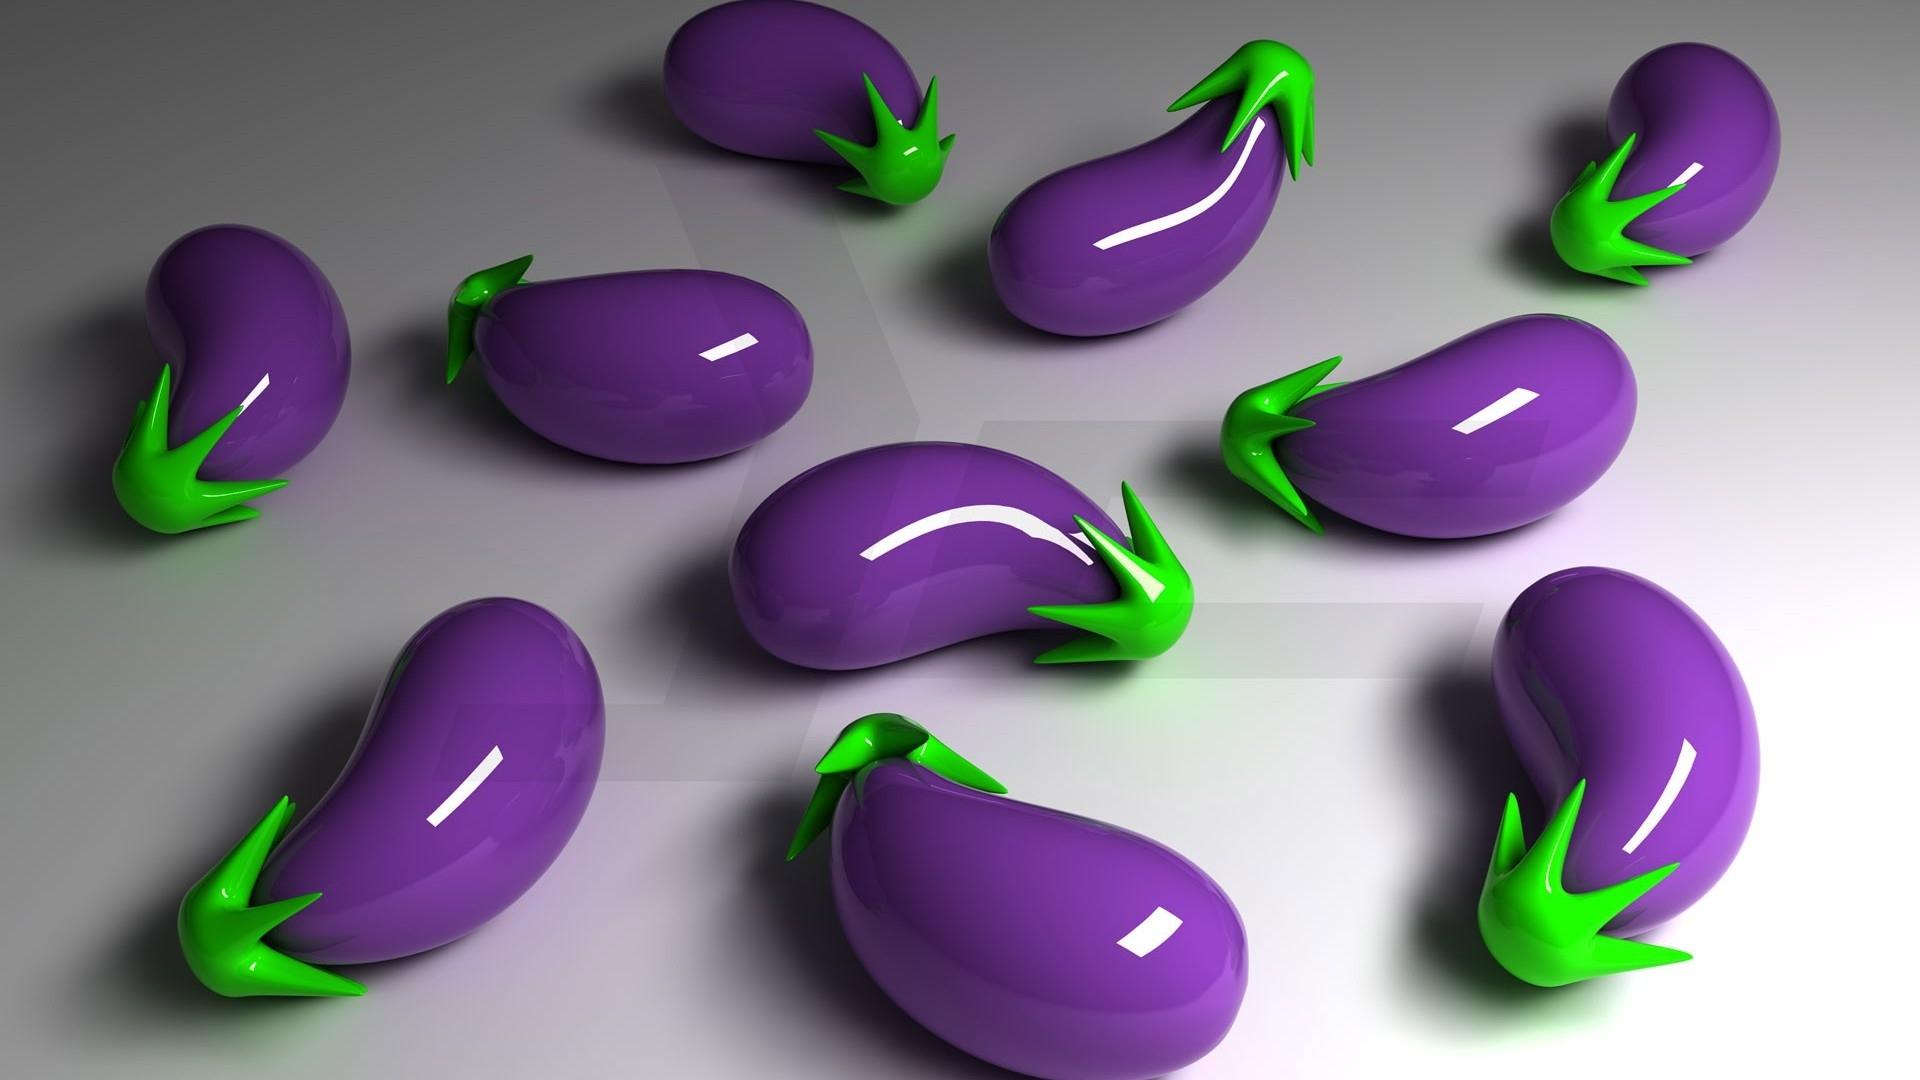 http://2.bp.blogspot.com/-sbMFXChdA84/UFtIK84MHNI/AAAAAAAAKQY/rOQYCW3hzEw/s0/3d-eggplant-1920x1080-wallpaper.jpg